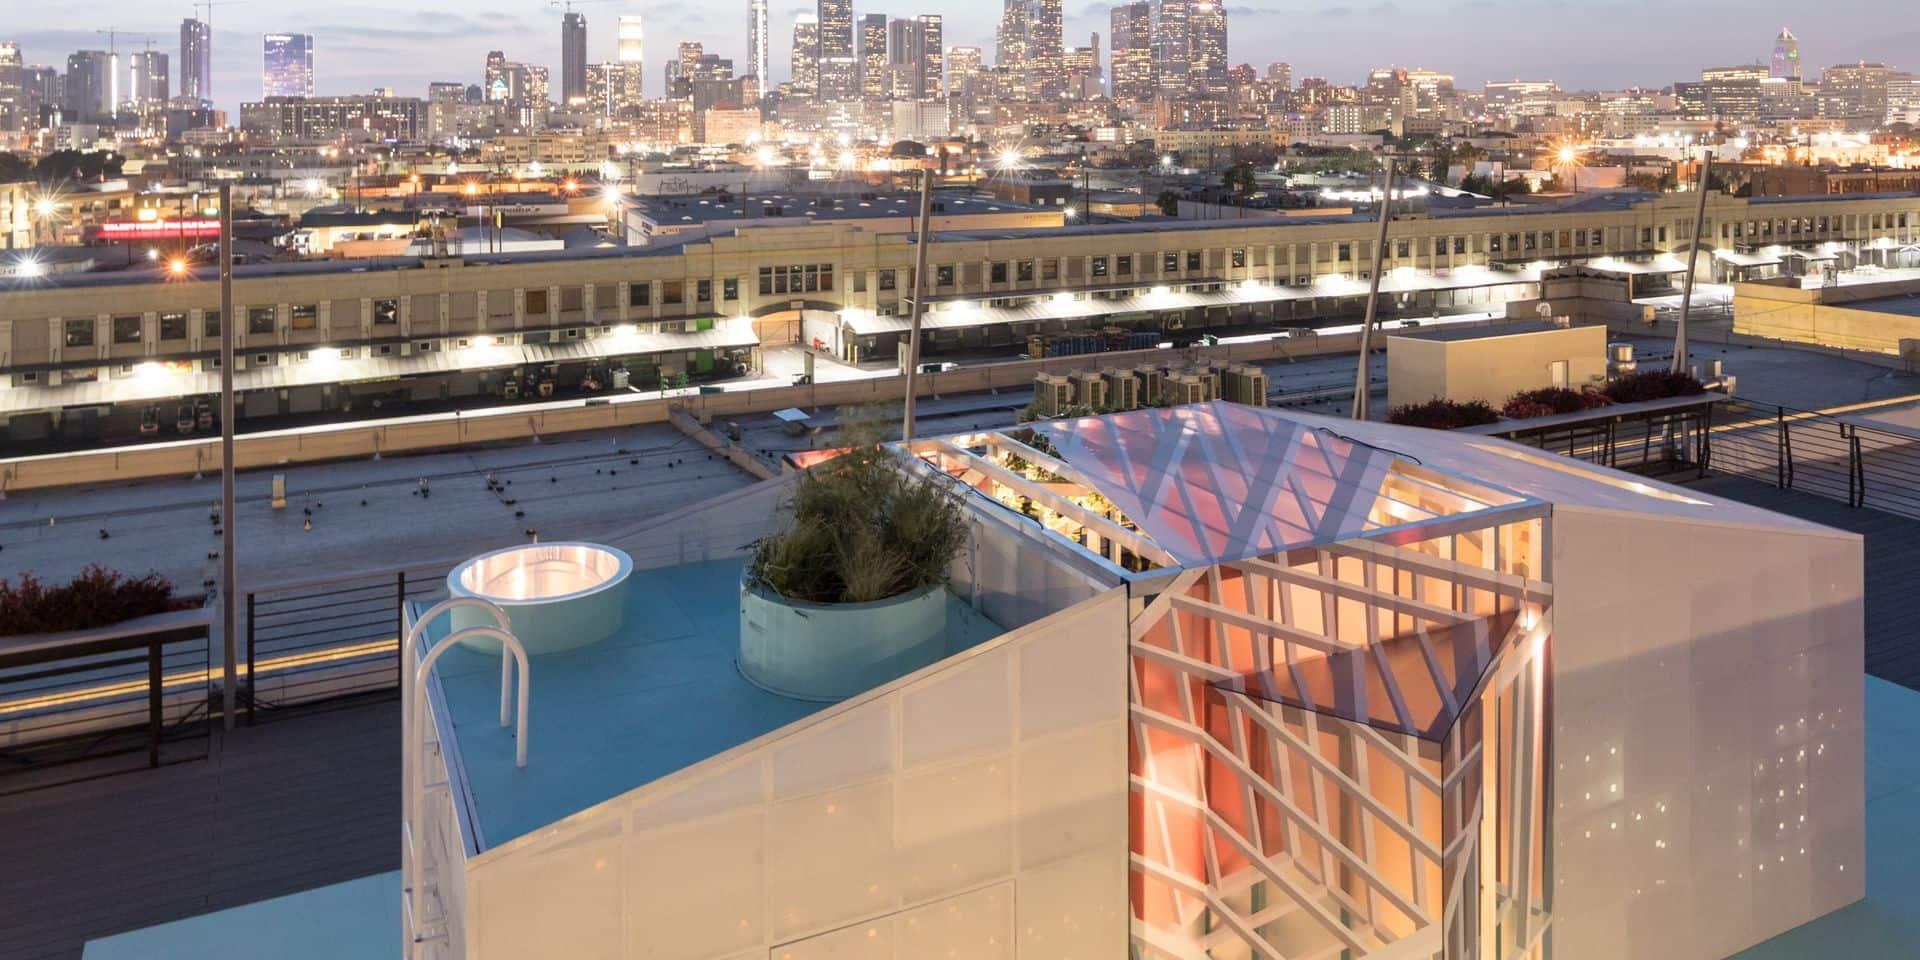 Dans le futur, l'habitat en ville passera par la modularité